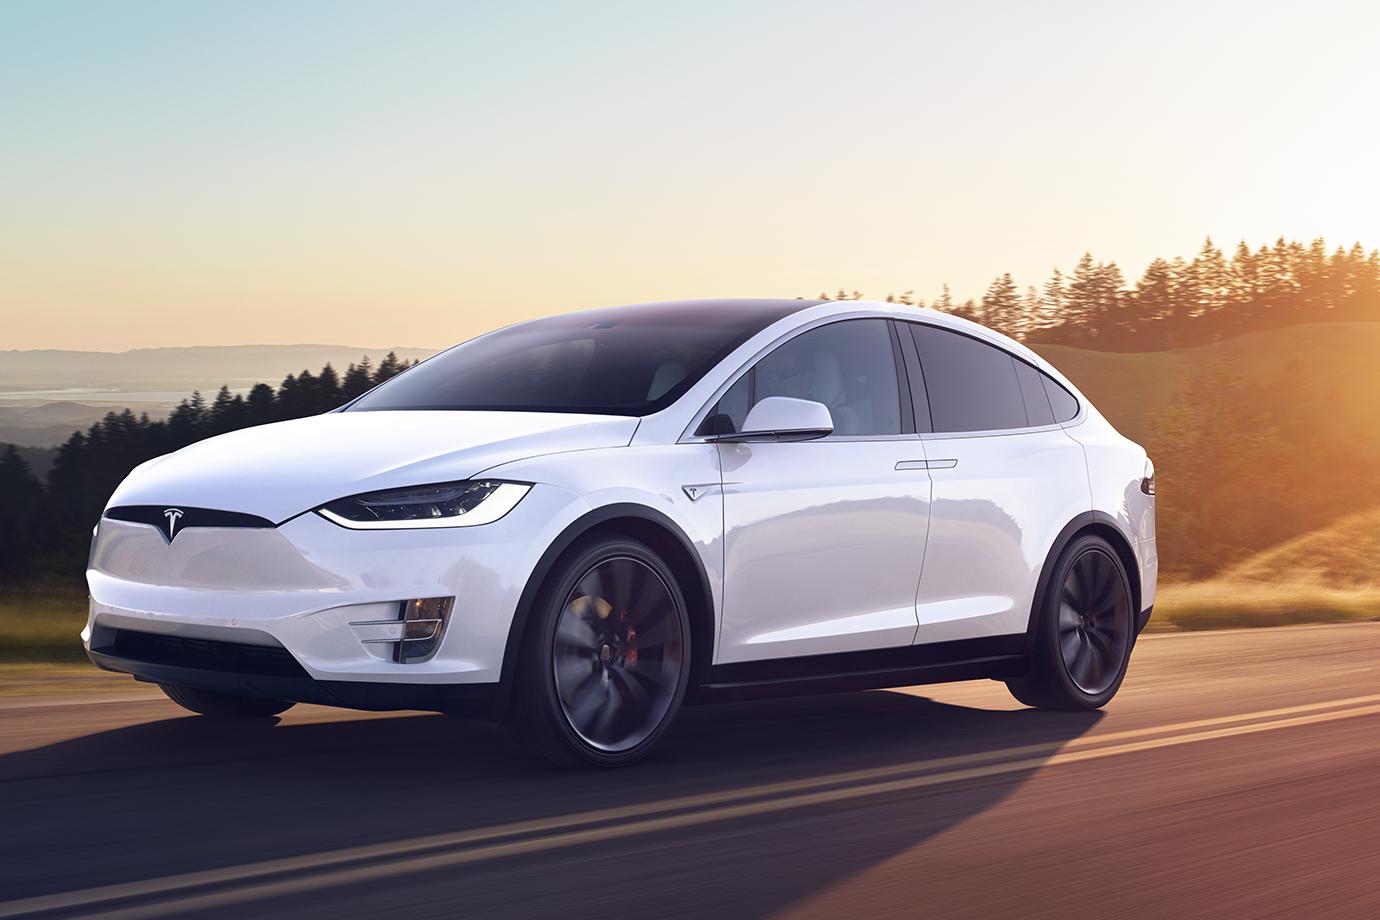 Barkai 39 s 2017 tesla car raffle raffle creator for Tesla model x porte